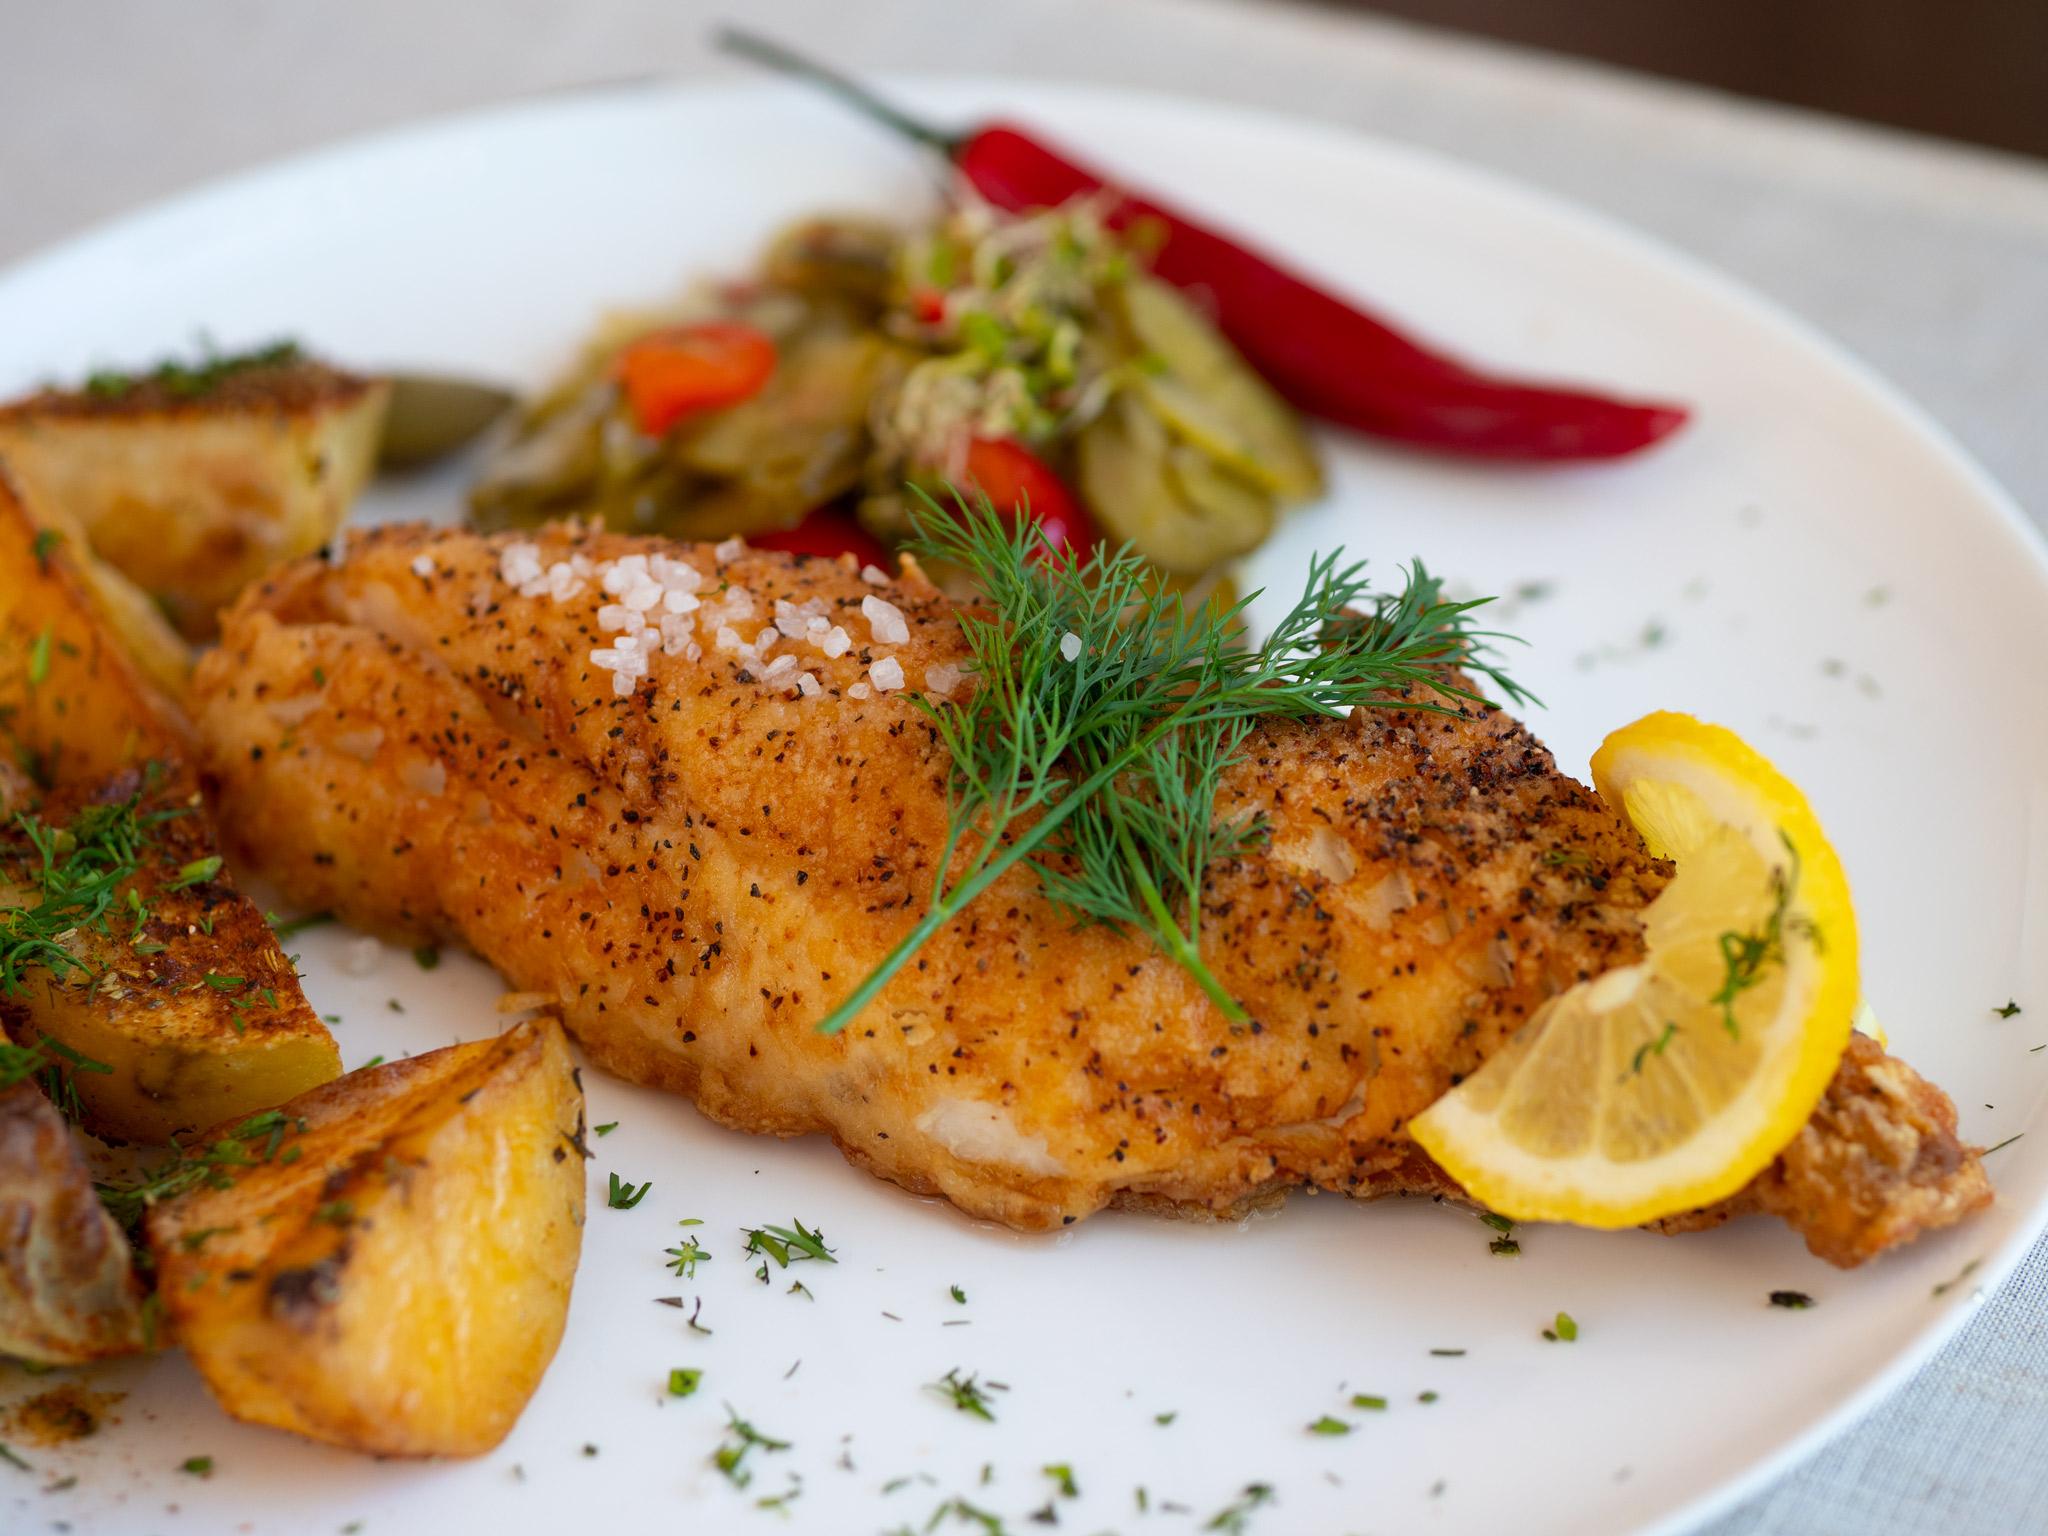 Na zdjęciu widać porcję smażonej ryby z opiekanymi ziemniakami.